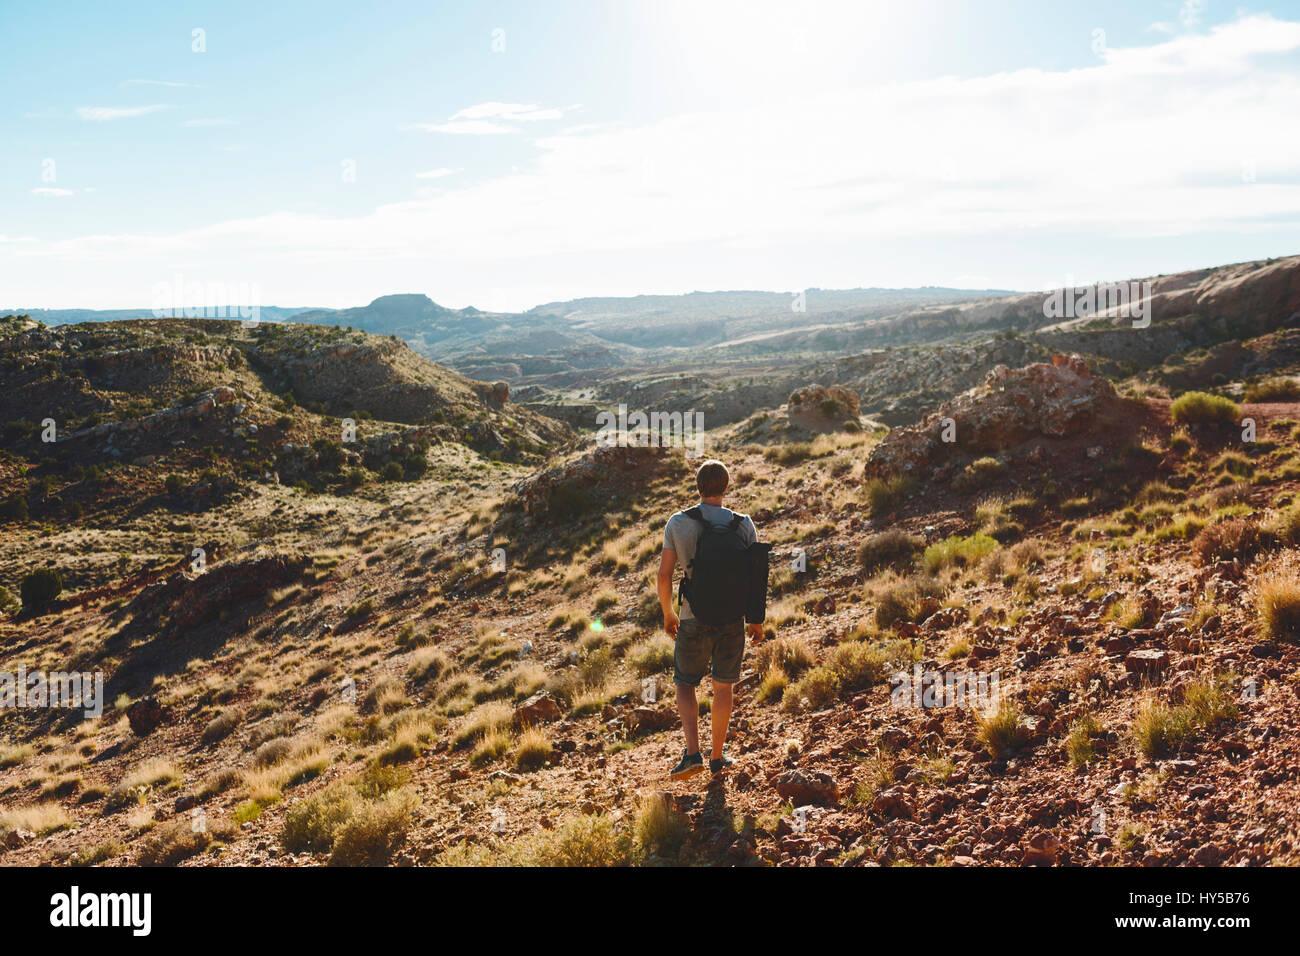 Stati Uniti d'America, Utah, Moab Arches National Park, uomo escursioni in montagna Immagini Stock